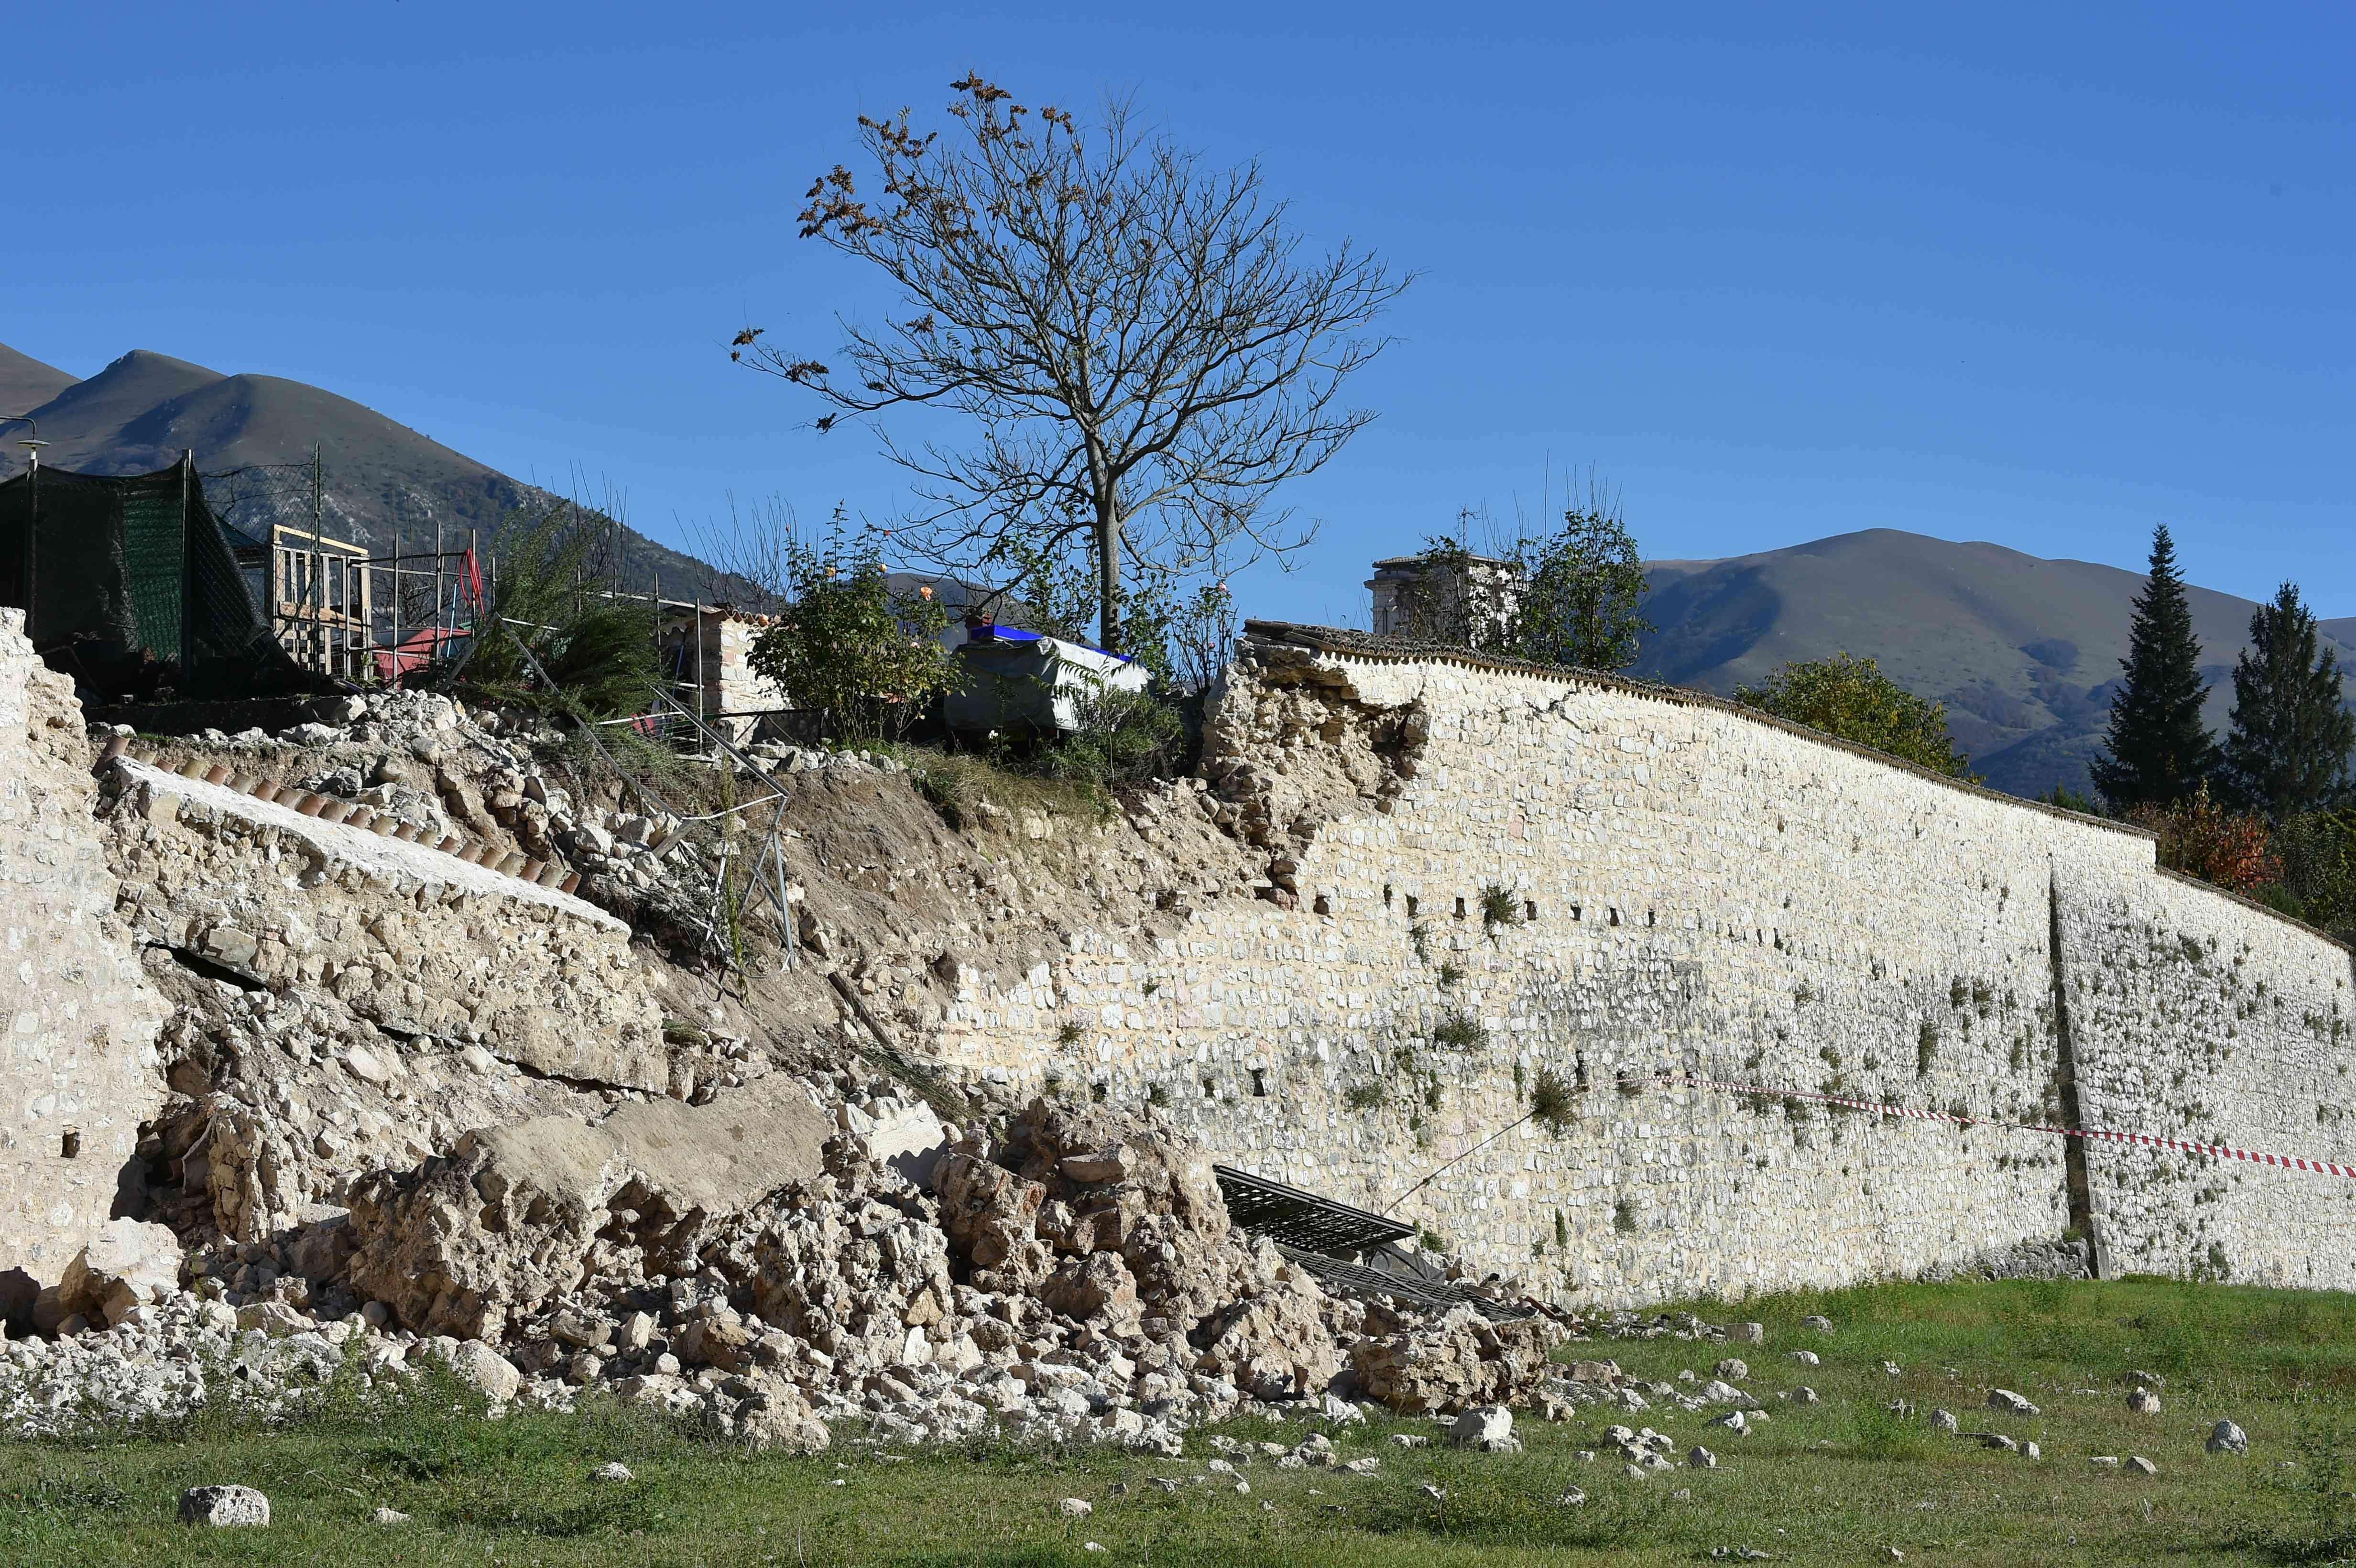 Dans cette région où près de 300 personnes ont trouvé la mort à la fin du mois d'août lors d'un puissant tremblement de terre, la plupart des villages avaient déjà été évacués.